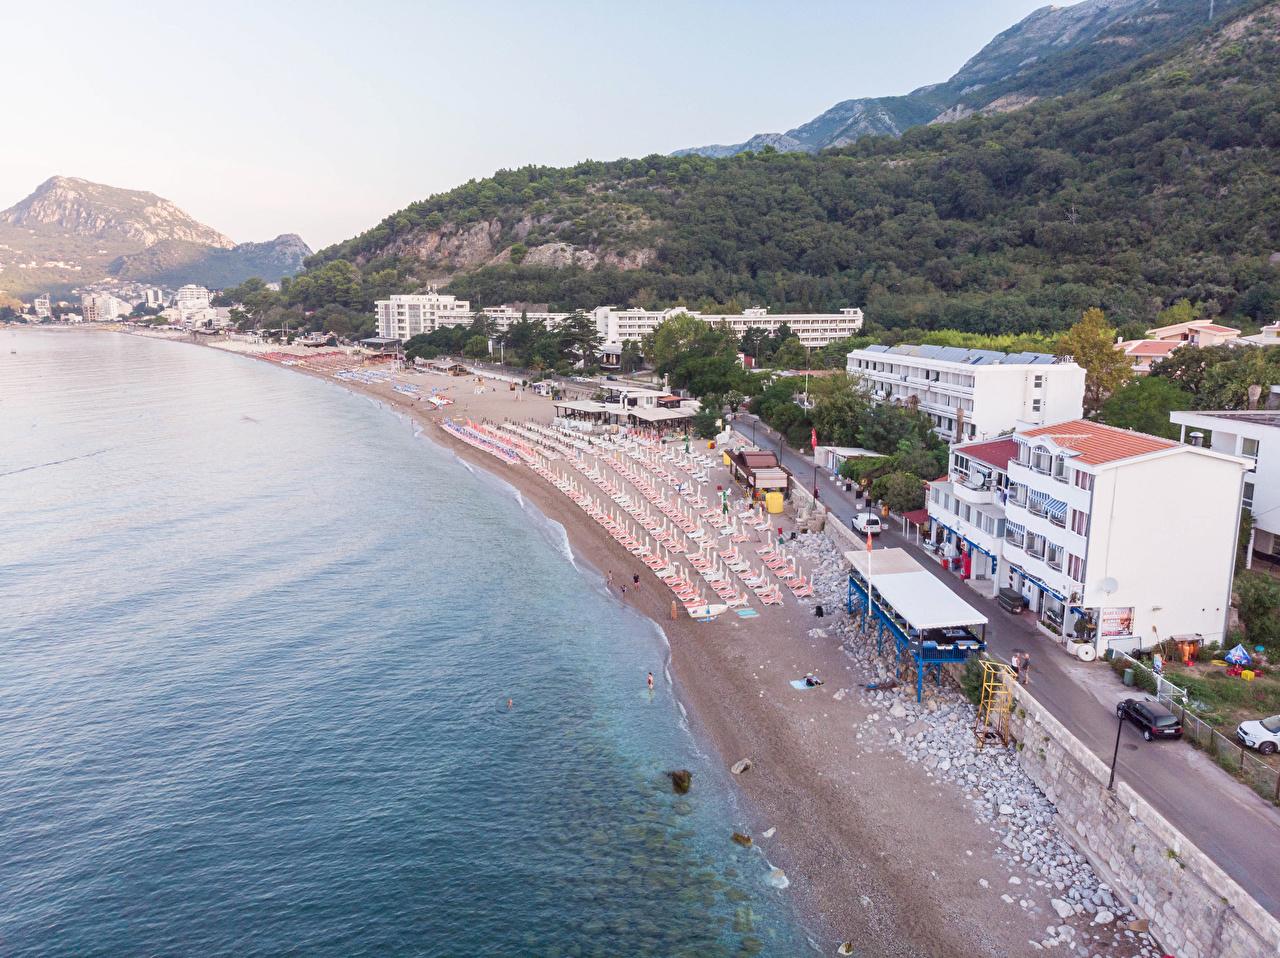 Monténégro Côte Maison Sutomore Beach Plage Bâtiment, plages Villes